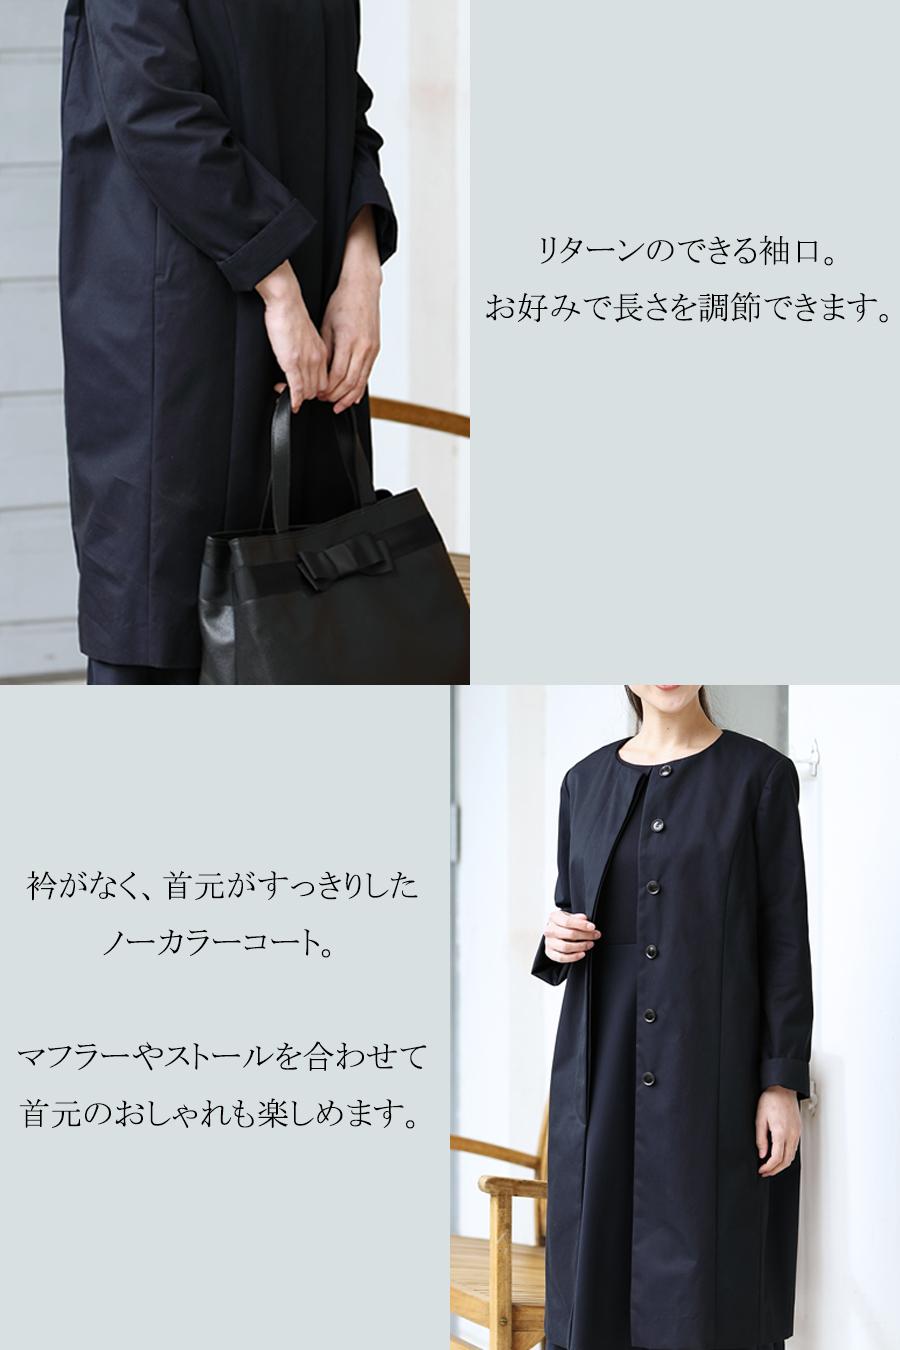 【受注生産品】 ノーカラーコート 春・秋のアウター   CD-20-1120 お届けまで3週間前後